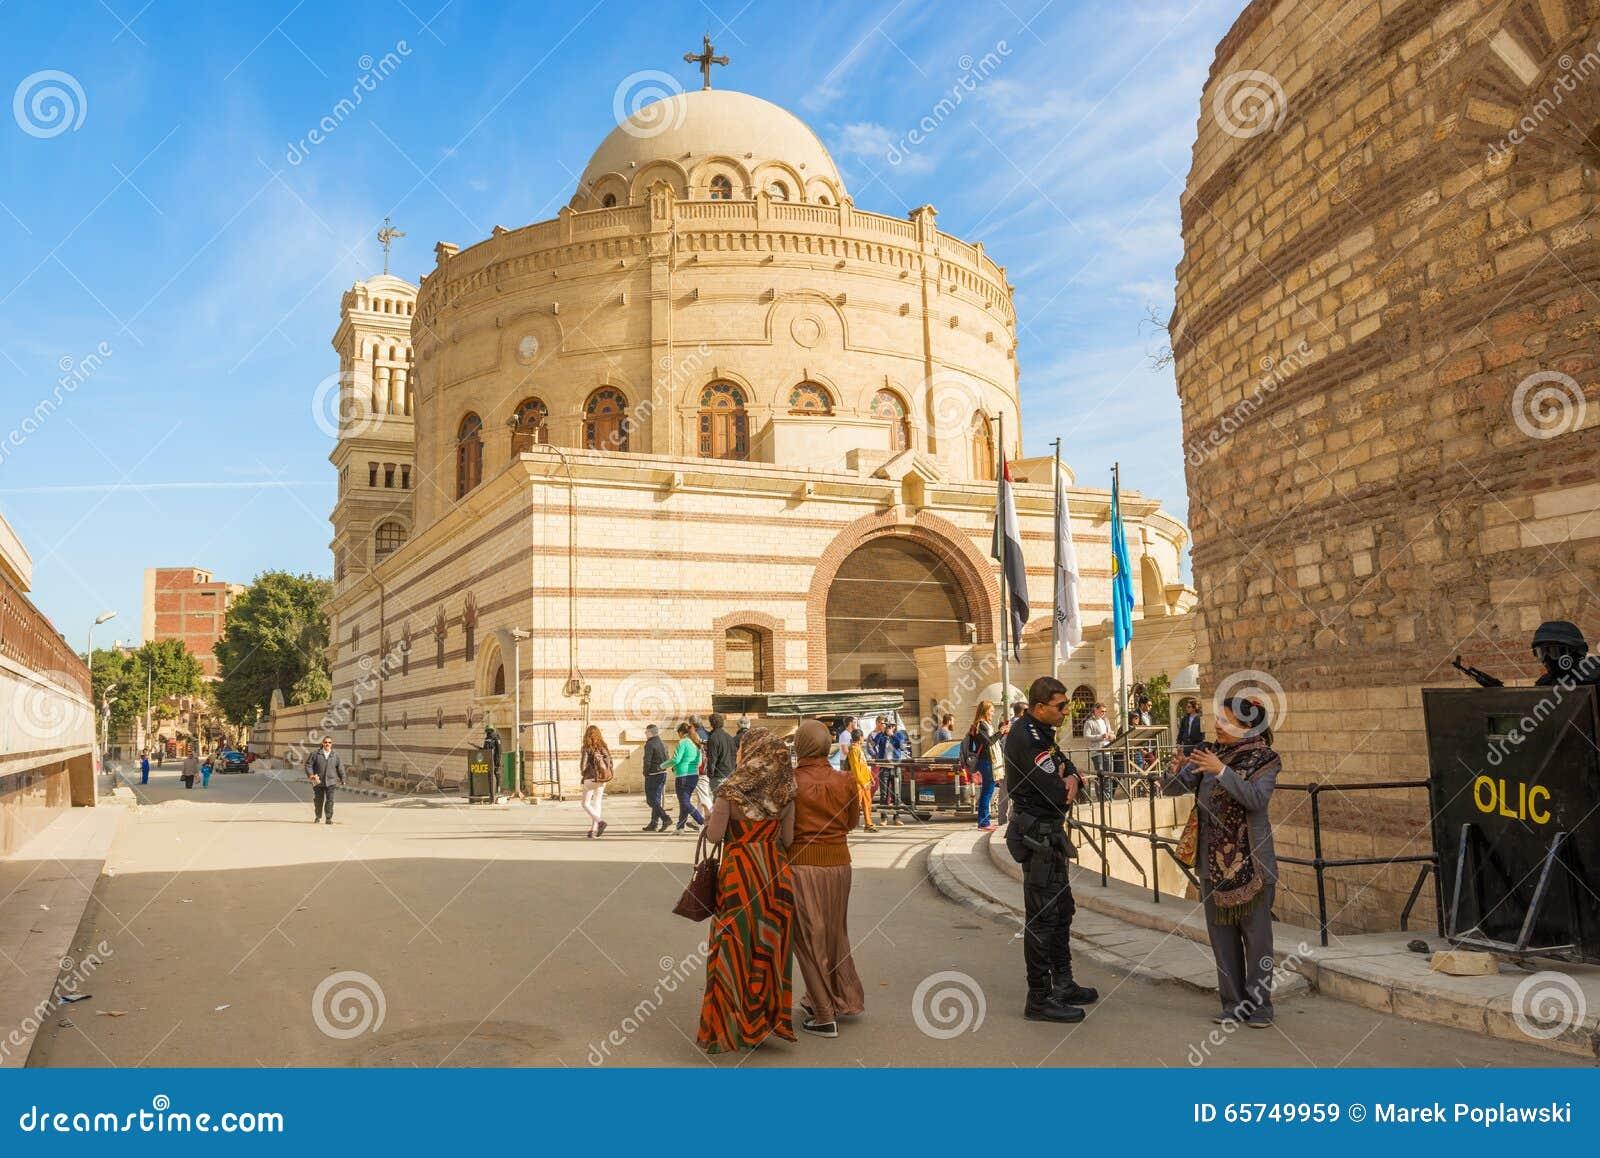 Κοπτική Εκκλησία στο Κάιρο, Αίγυπτος